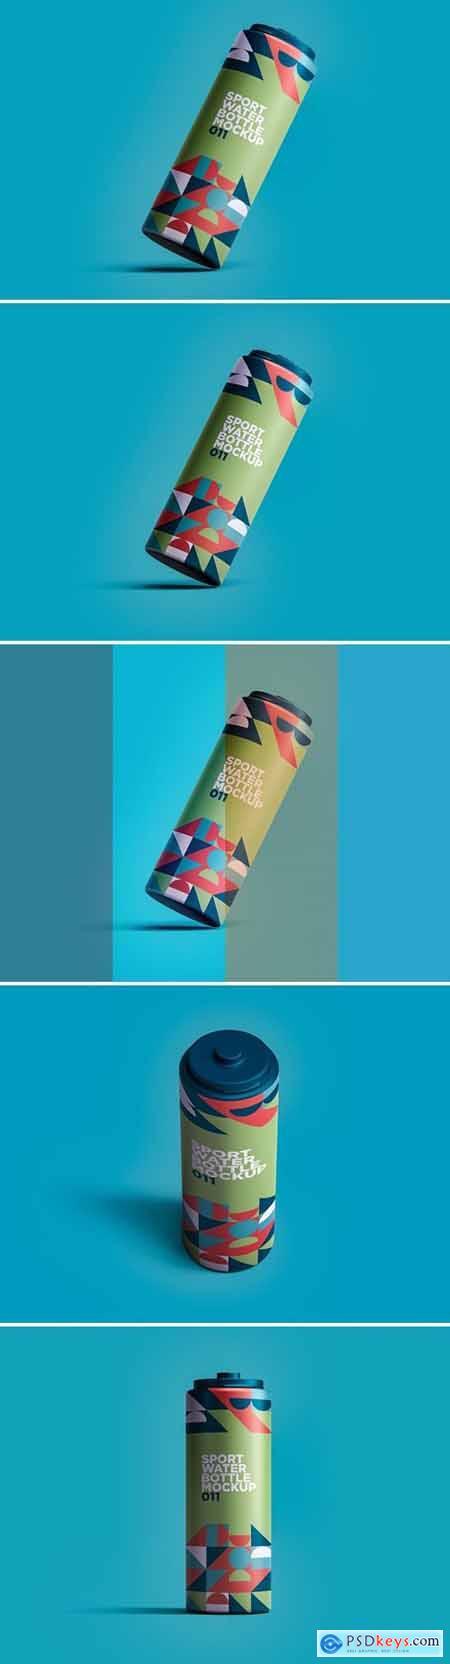 Sport Water Bottle Mockup 011